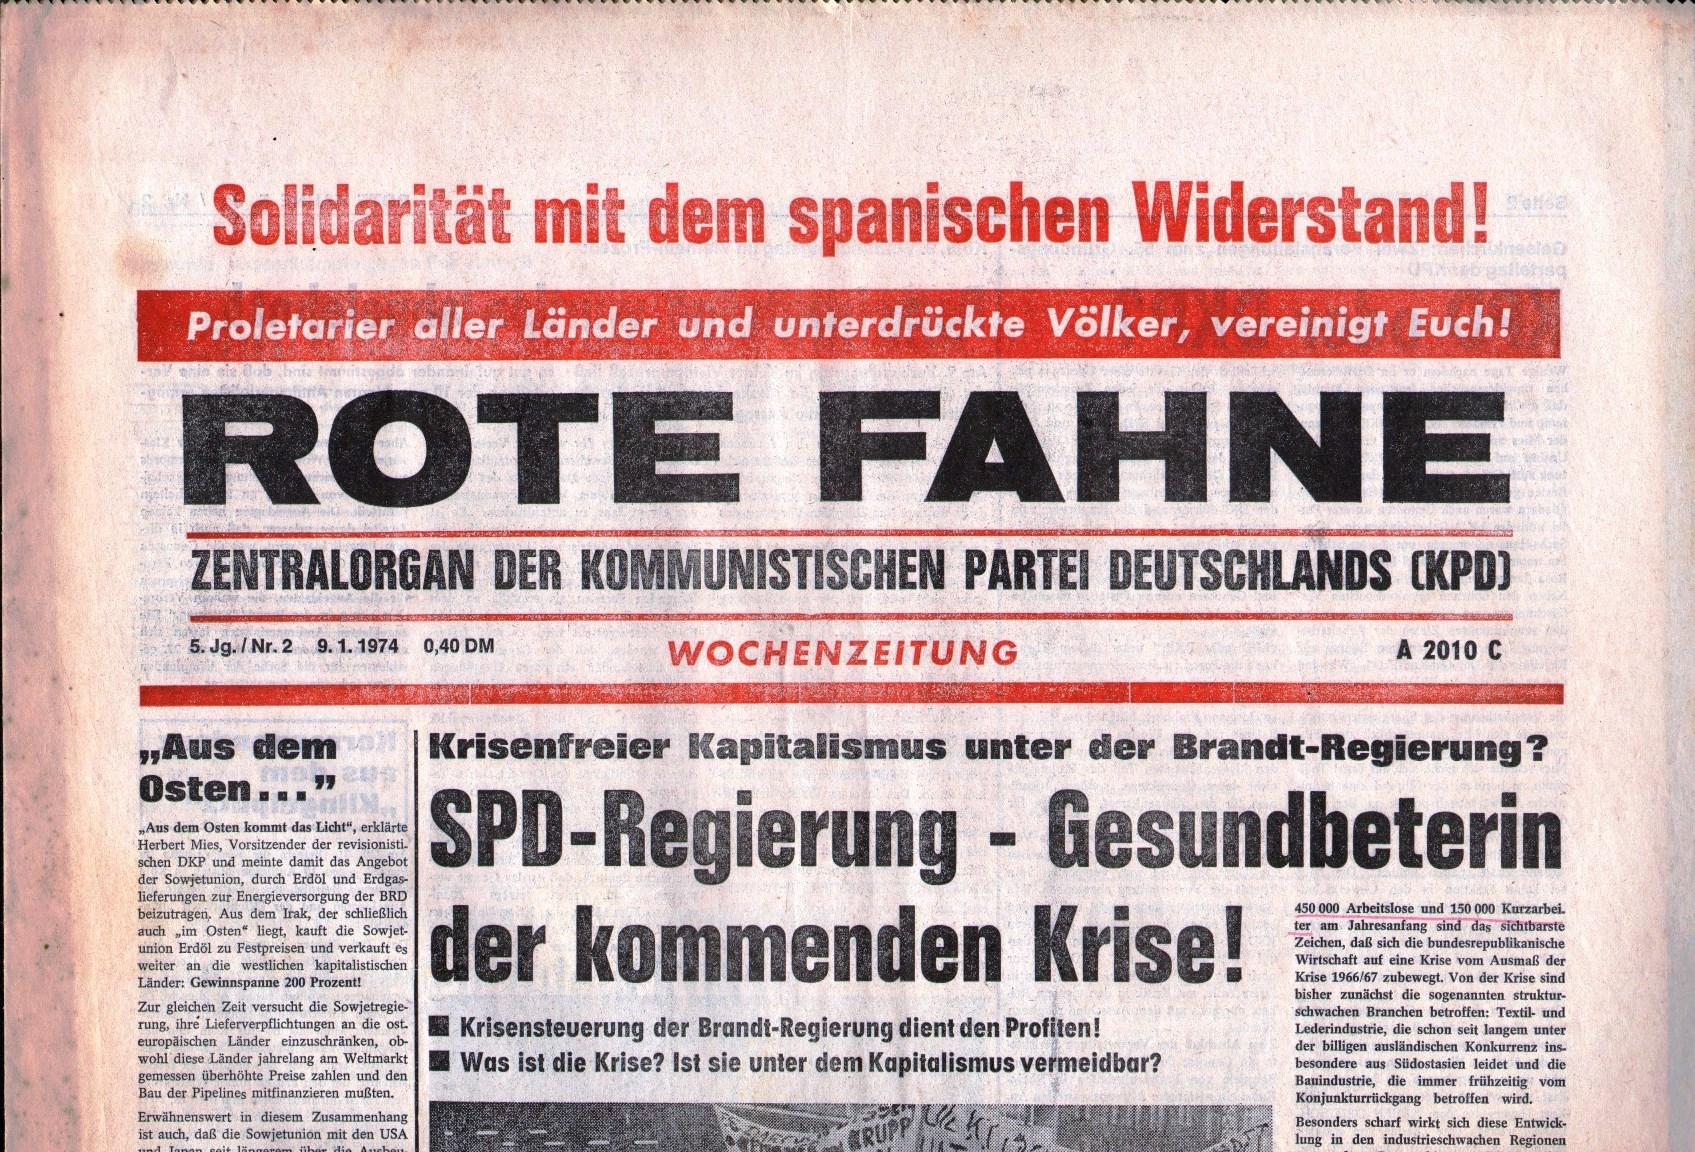 KPD_Rote_Fahne_1974_02_01